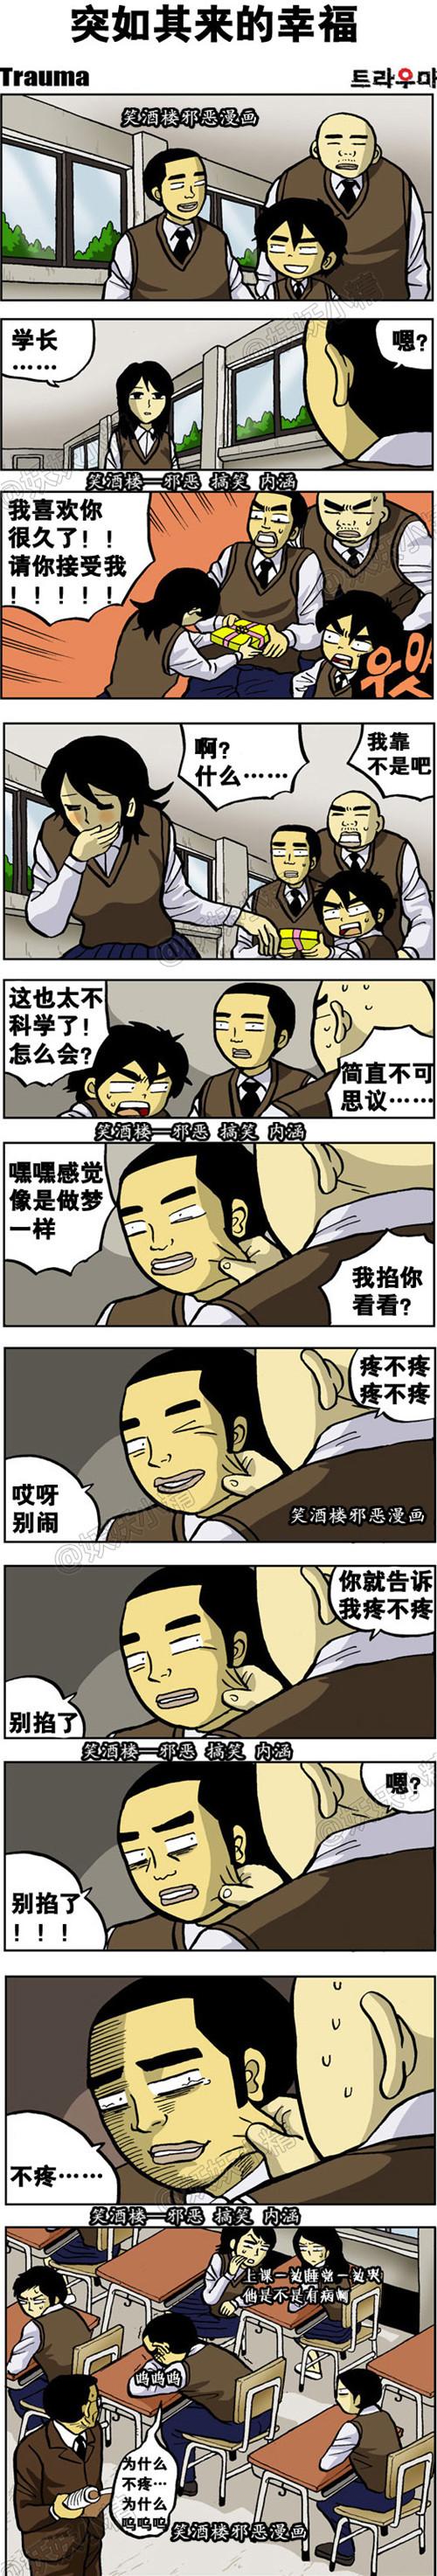 邪恶漫画:能到里面看一下嘛 深夜 h漫画 图3